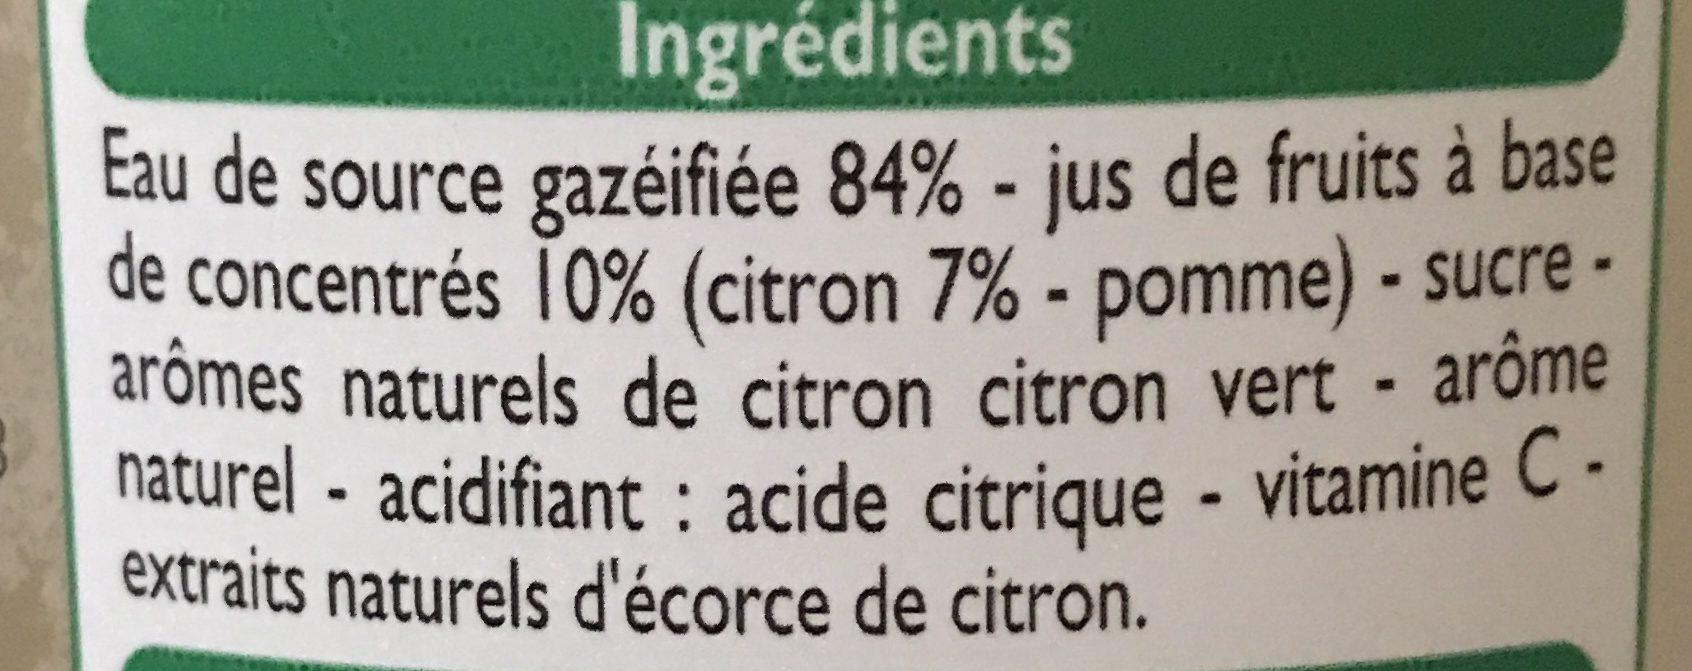 Boisson gazeuse aux fruits saveur citron citron vert - Ingredients - fr